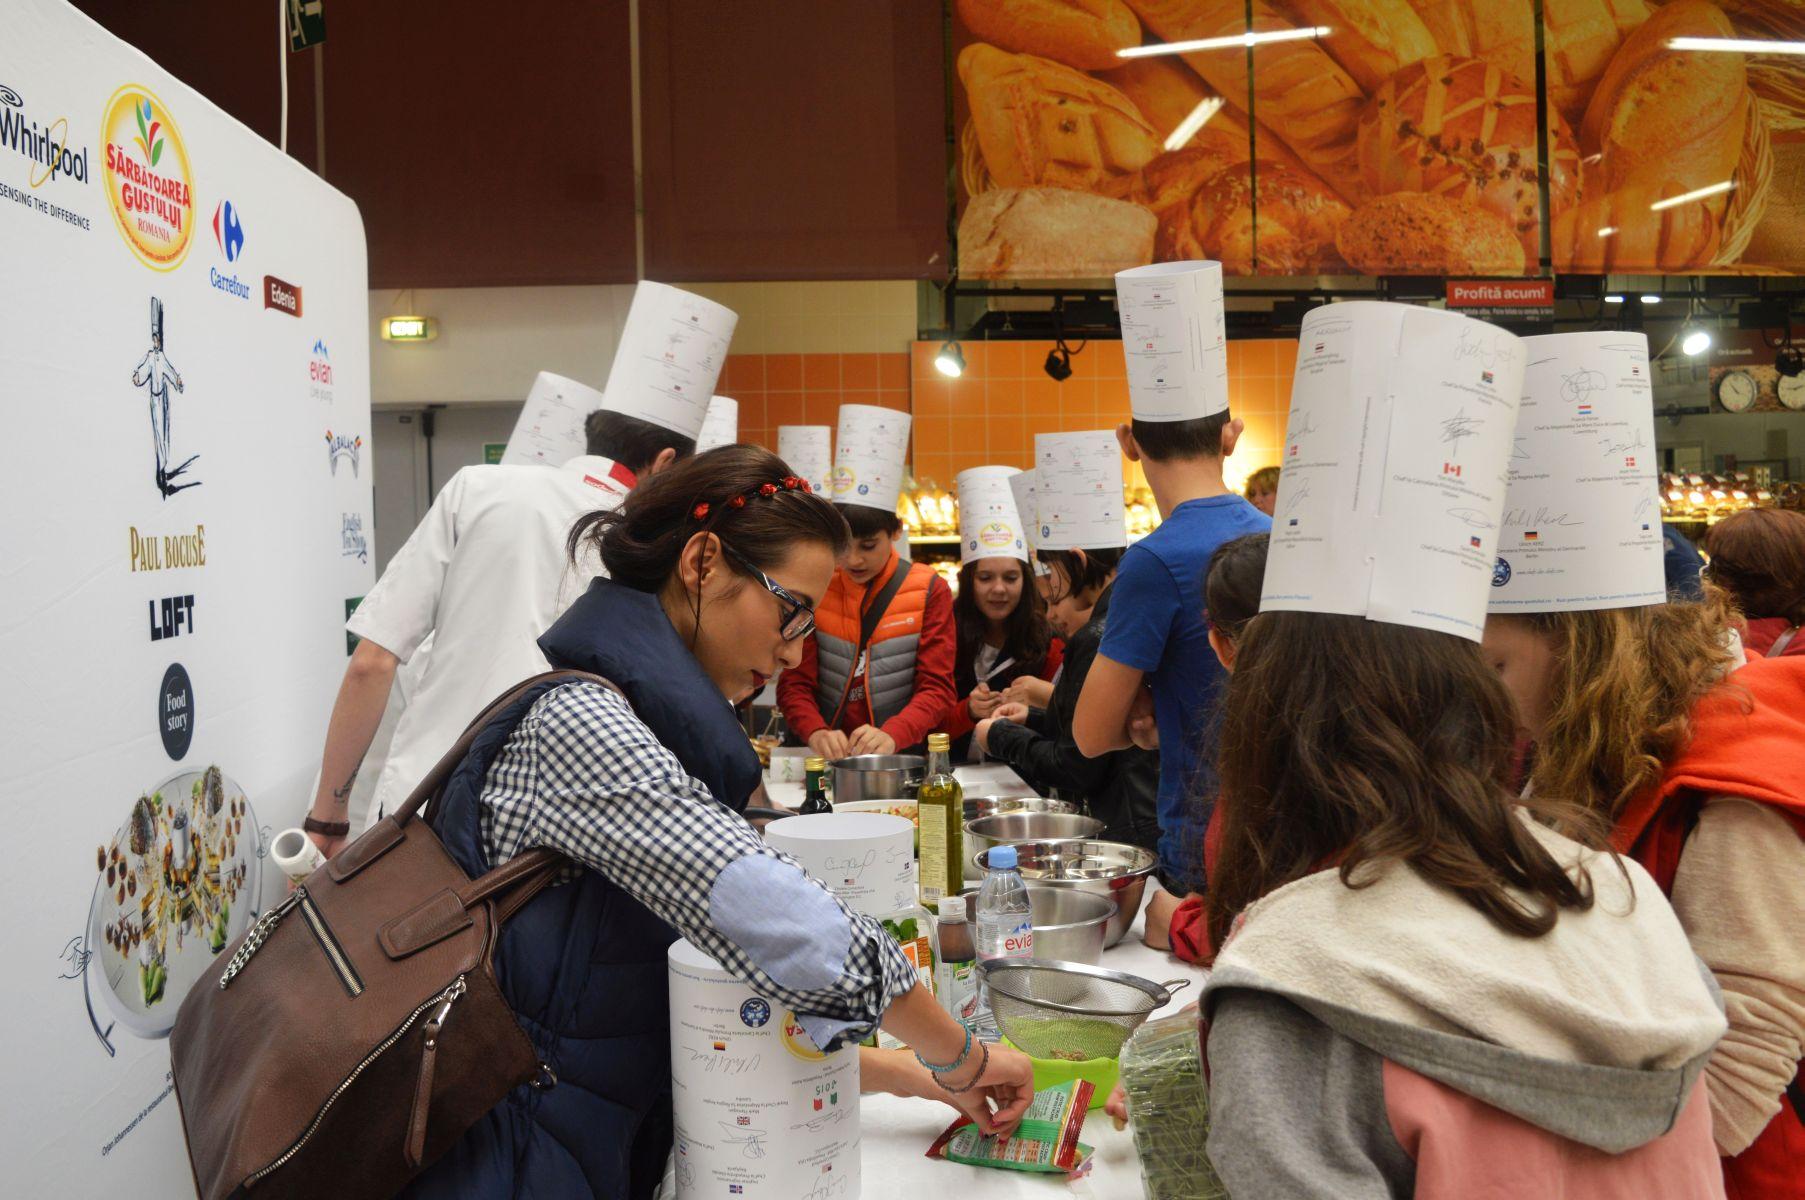 Atelier_Culinar_Sarbatoarea_Gustului_Carrefour_Atelier_educational_Sara_Alexander_22